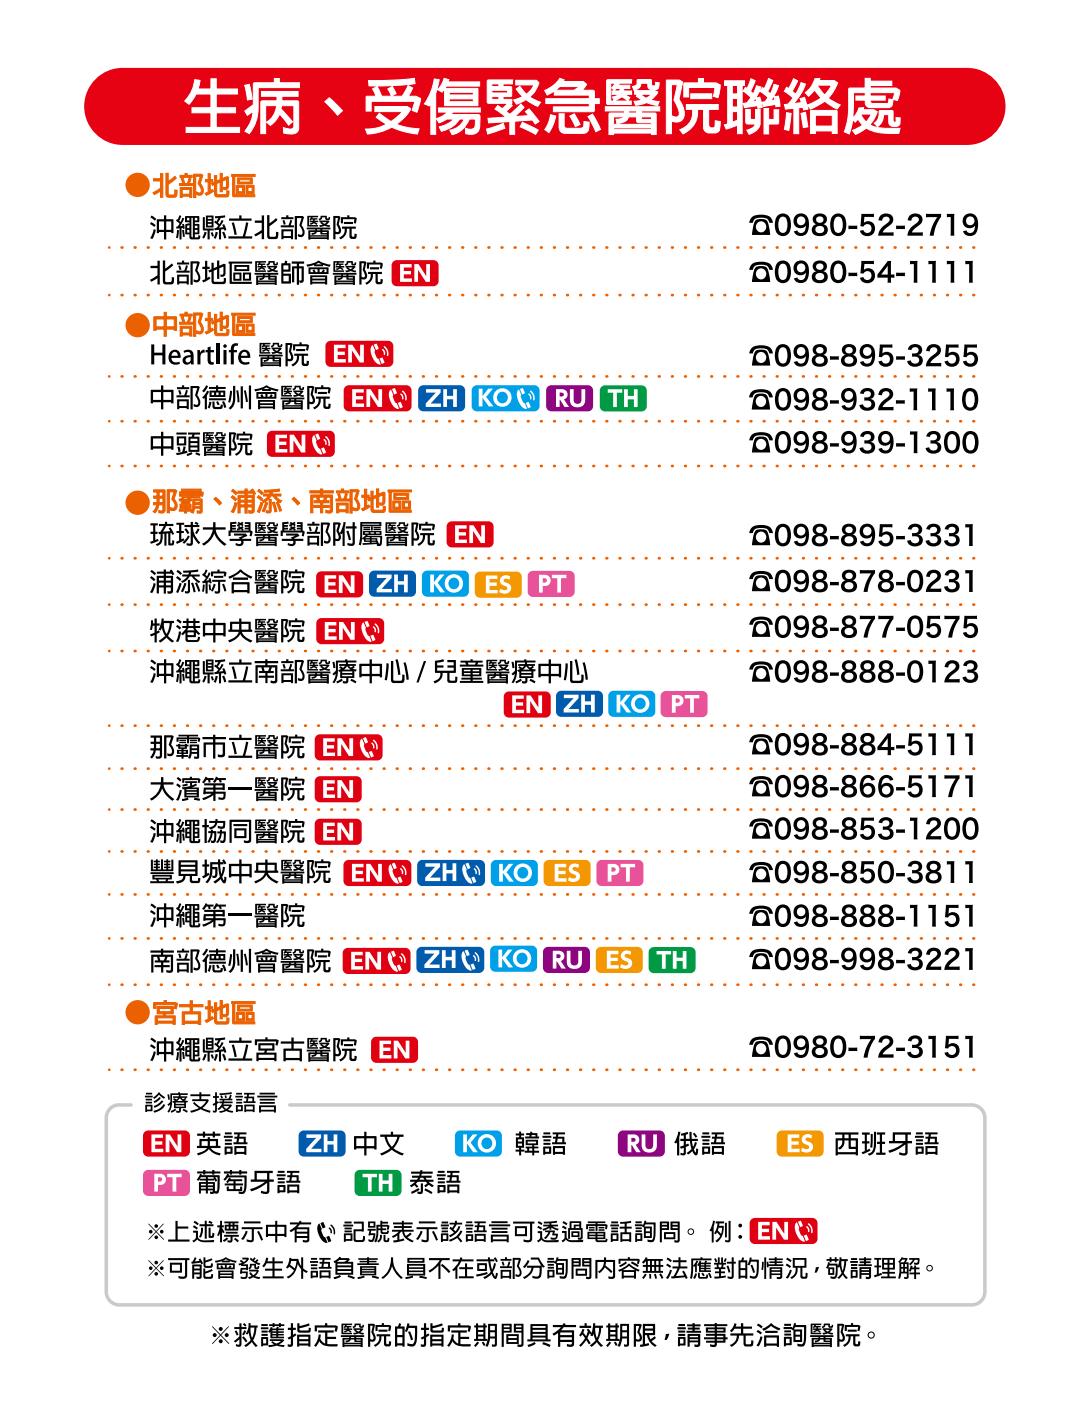 沖繩行前準備-提供外語服務的醫院列表